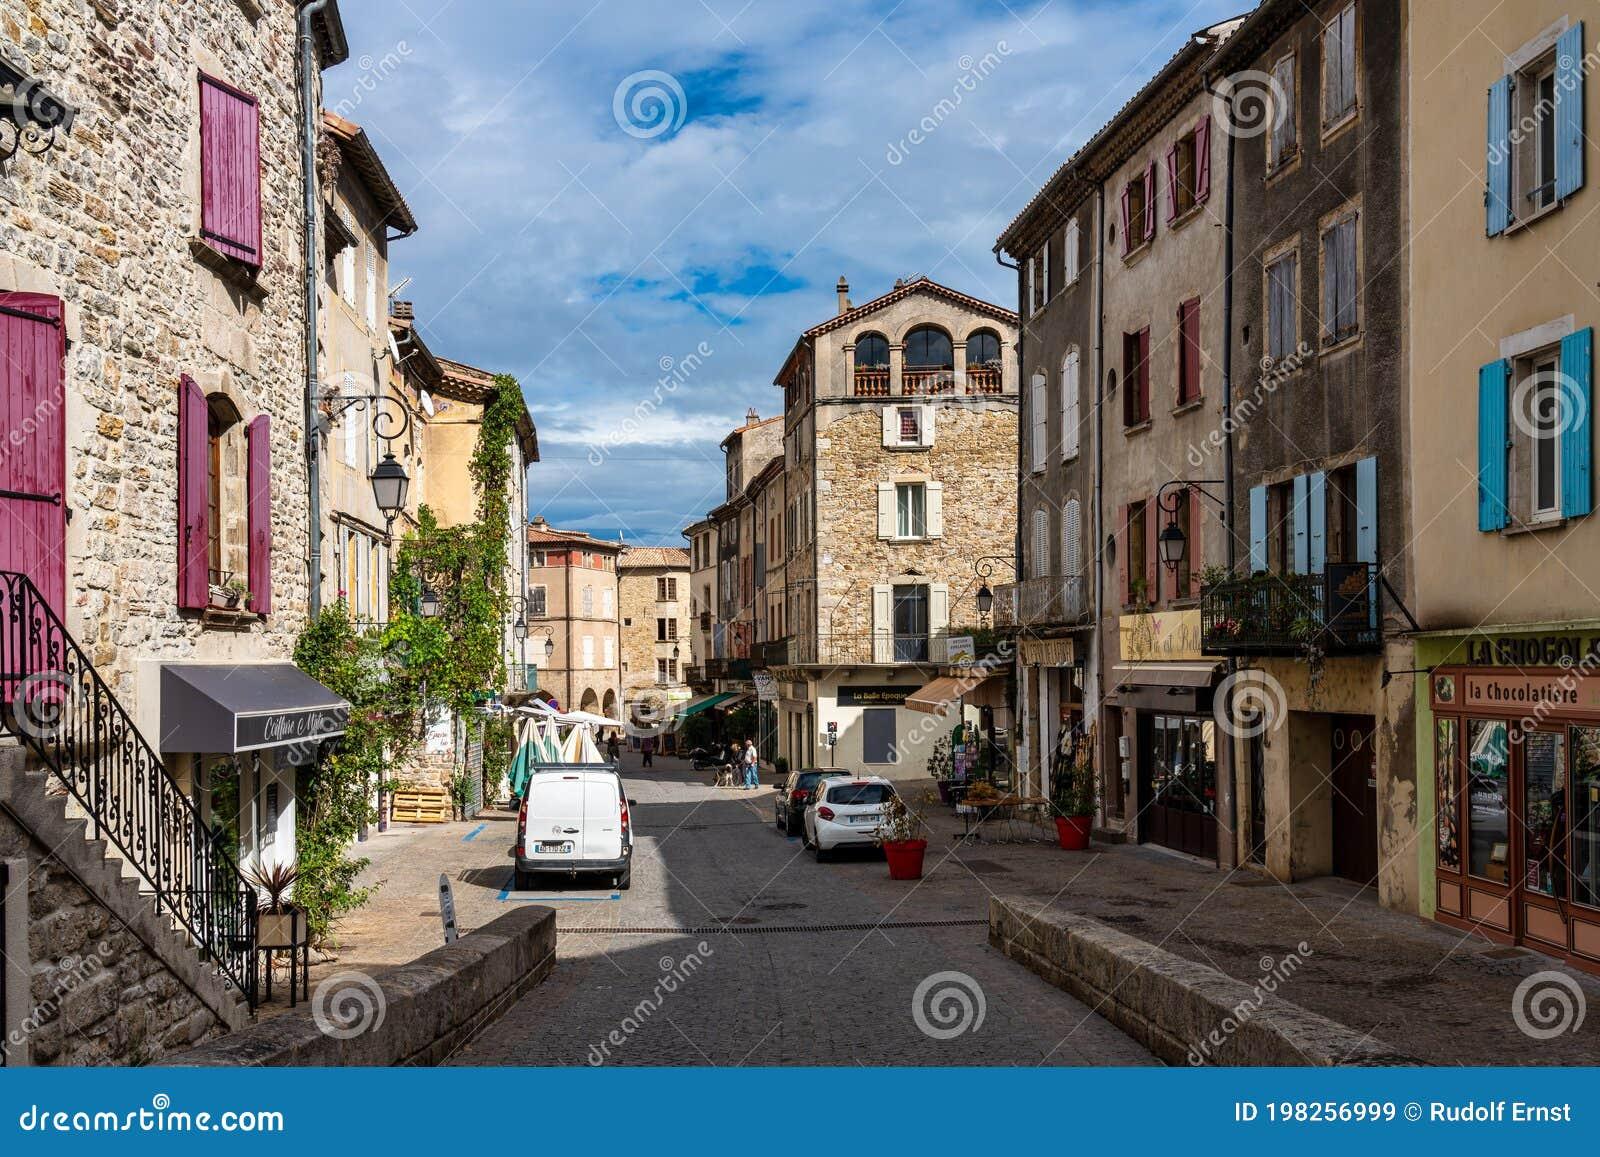 Les Vans, France - Sep 24, 2020: View Of The Village Les Vans In ...